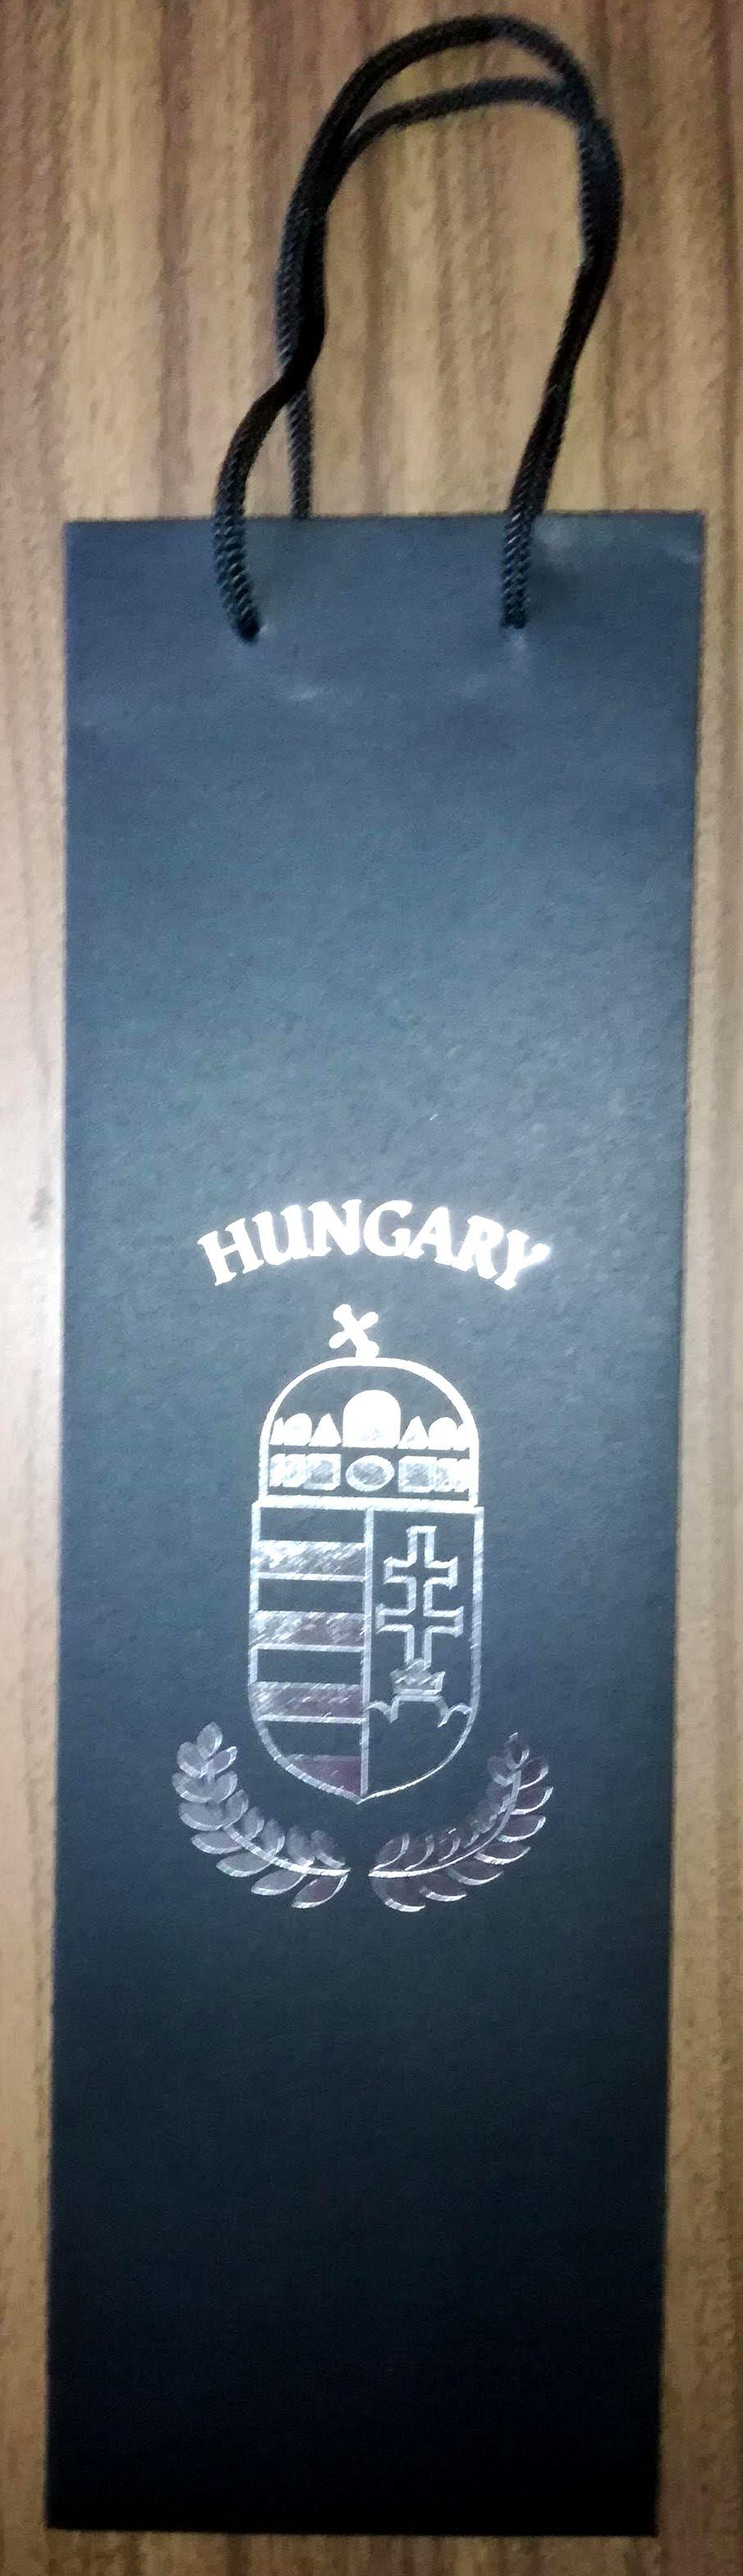 Hungary felíratos és címeres fekete bortasak ezüst mintával empty 8ab2bb605c